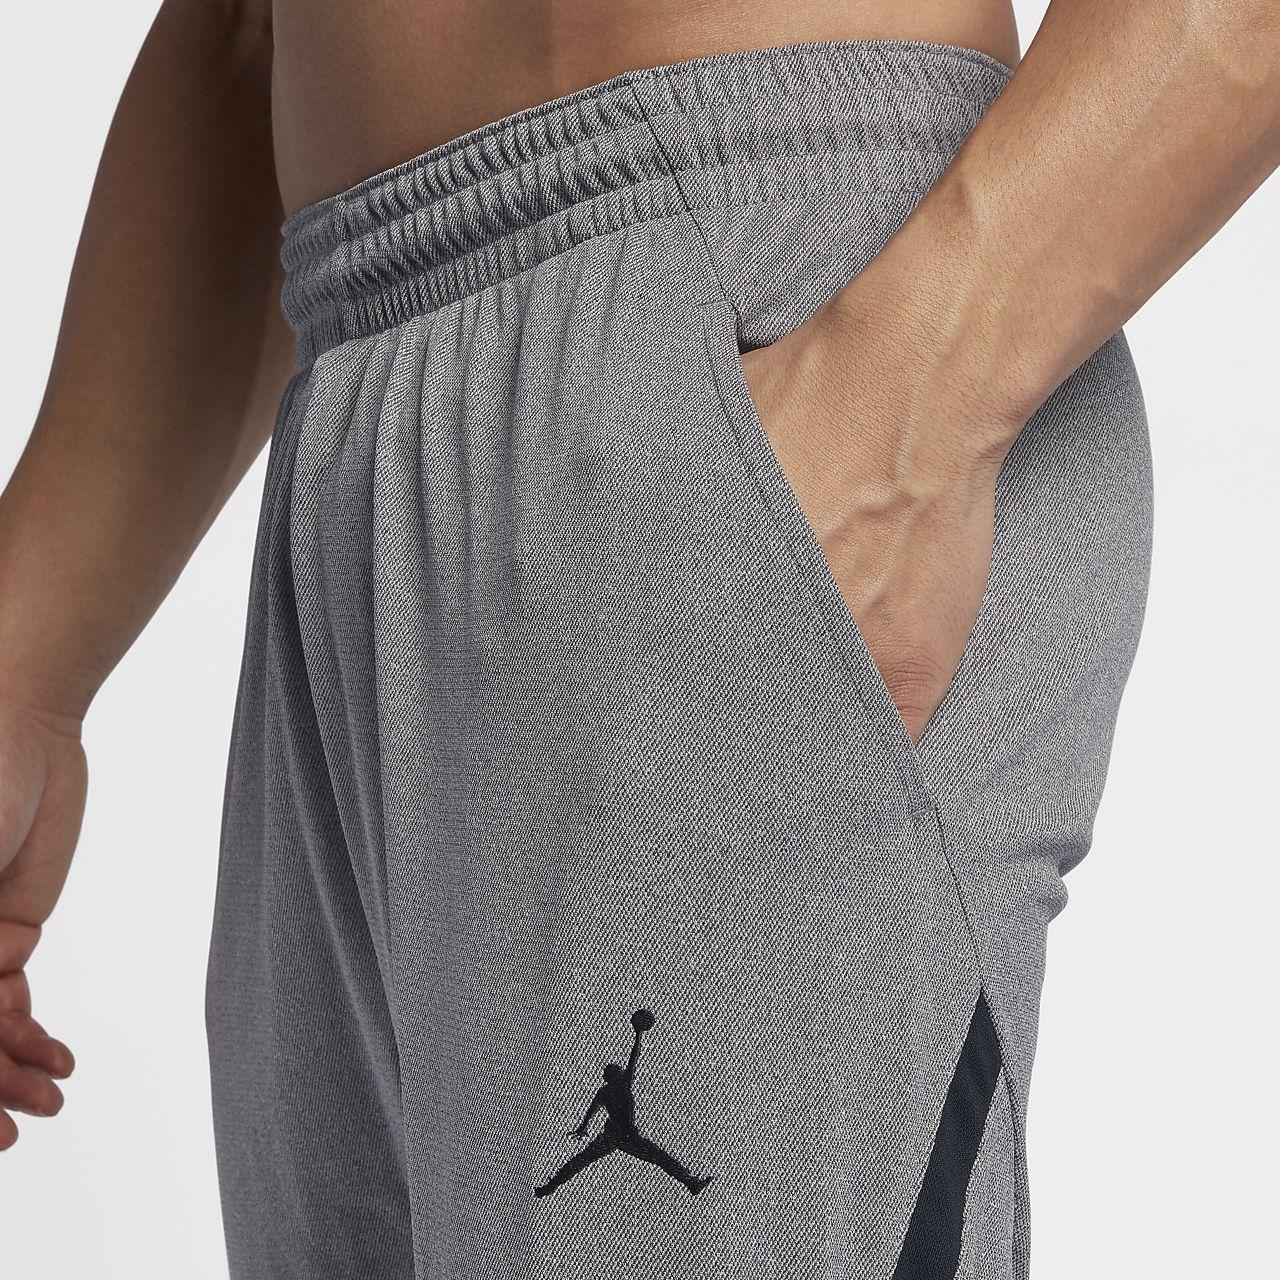 4969996a9fb33a Jordan Dri-FIT 23 Alpha Men s Basketball Pants. Nike.com